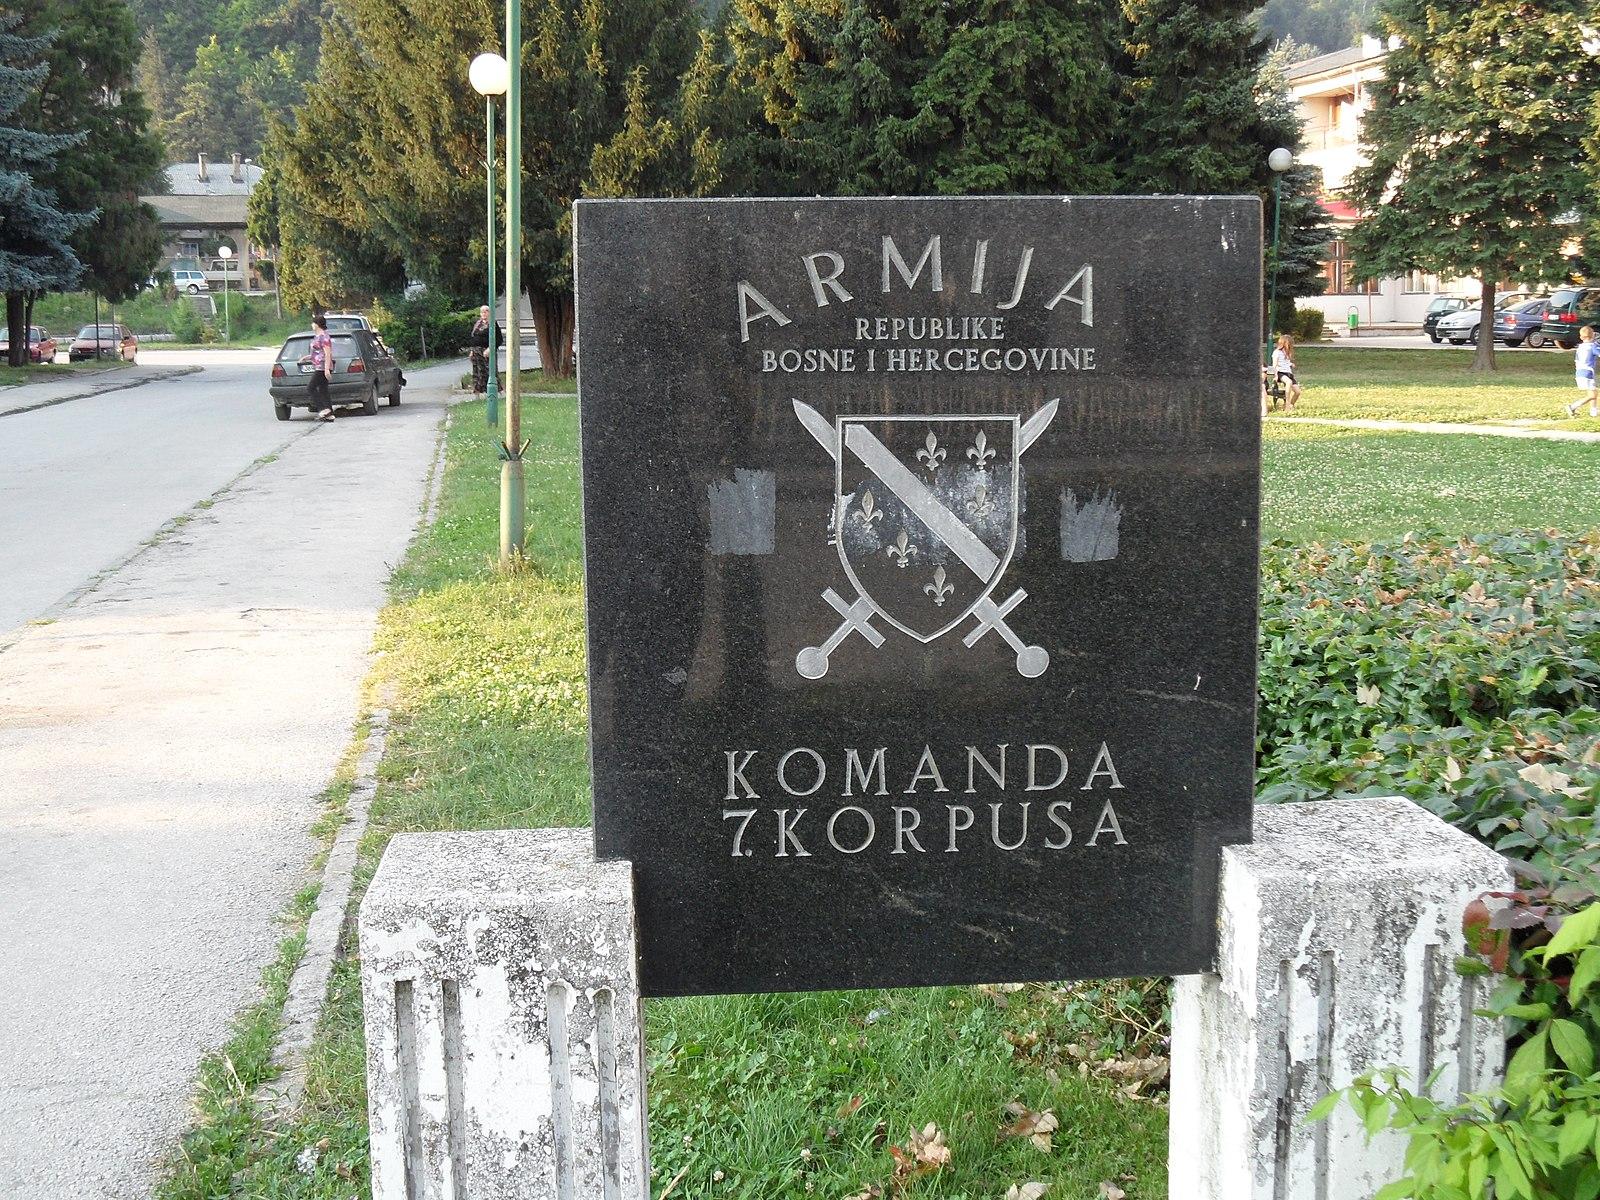 Komanda_7._korpusa,_Travnik,_BiH.jpg